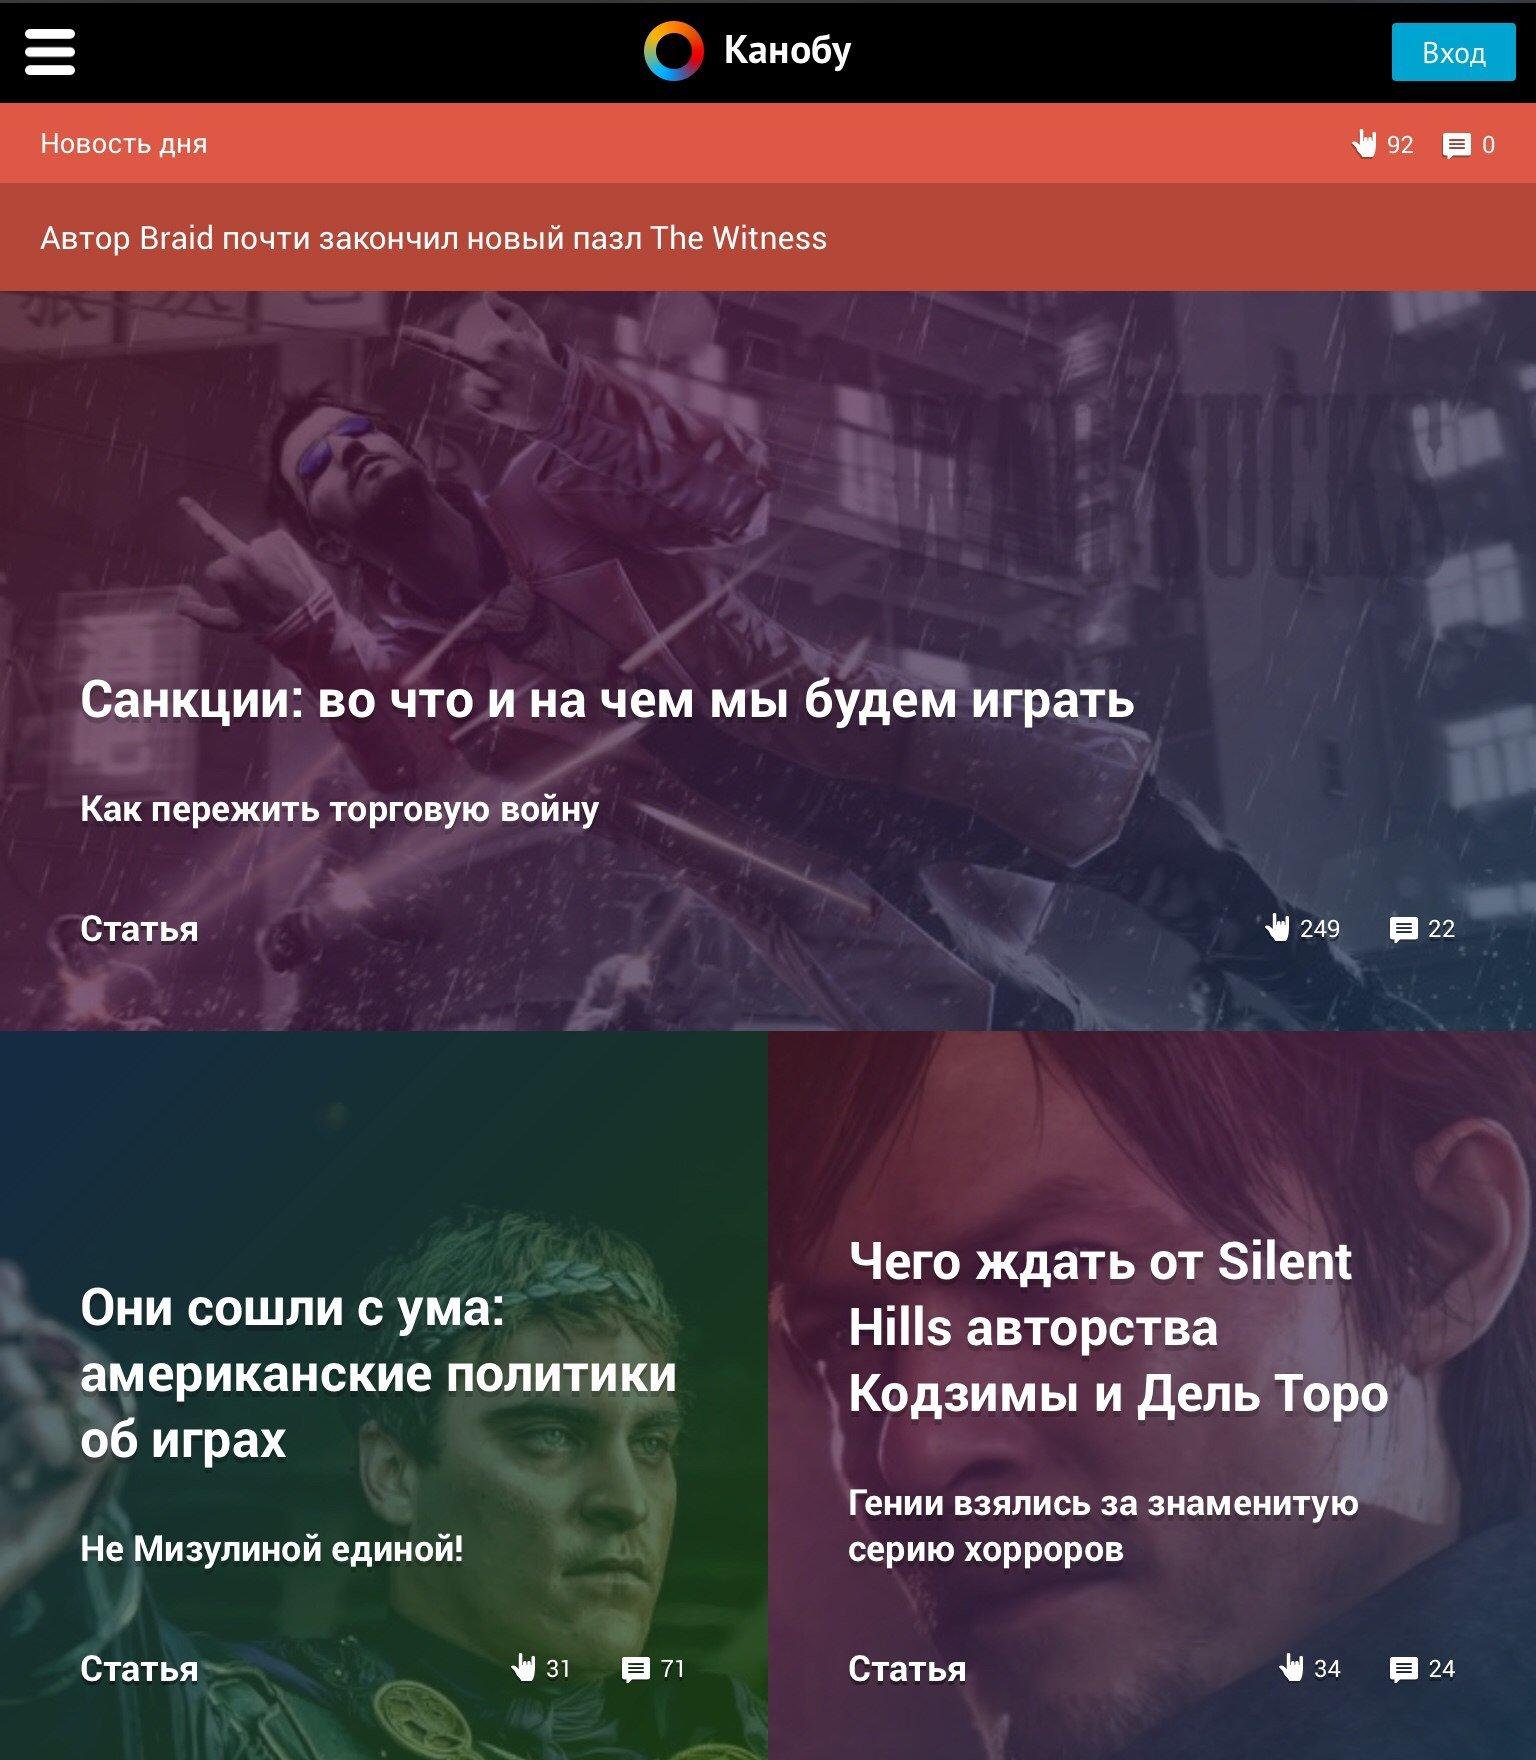 Адаптивная версия главной страницы и Паба «Канобу» - Изображение 2